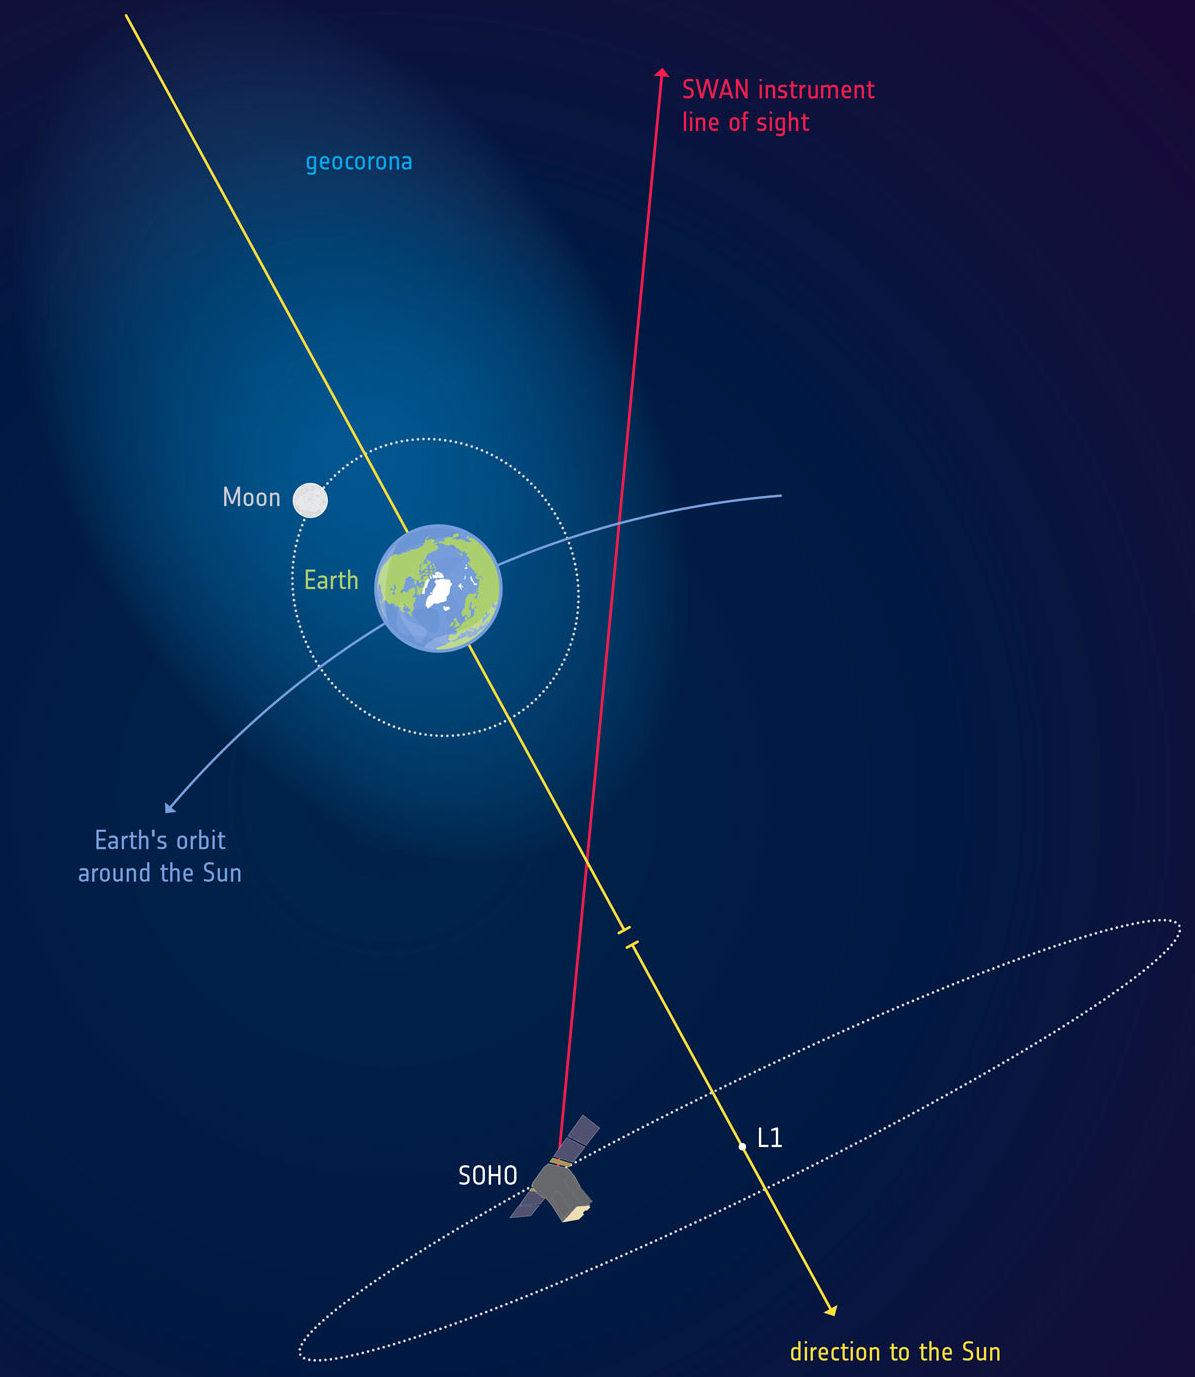 Схема магнитной геокороны от ESA (нажмите, чтобы увеличить)